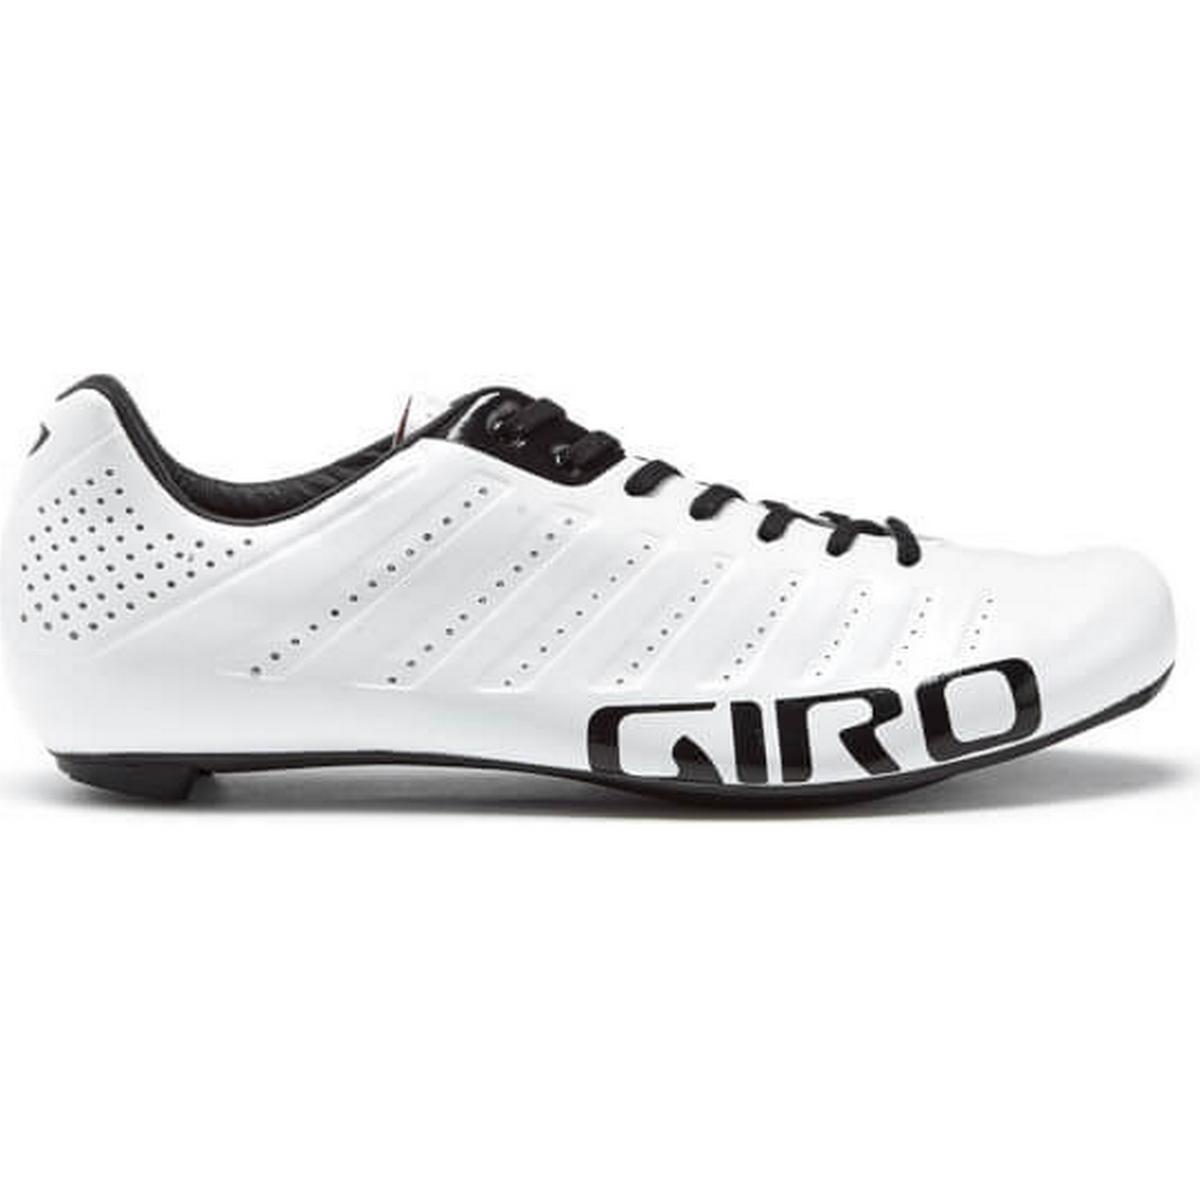 Giro Cykelsko (700+ produkter) hos PriceRunner ???Se